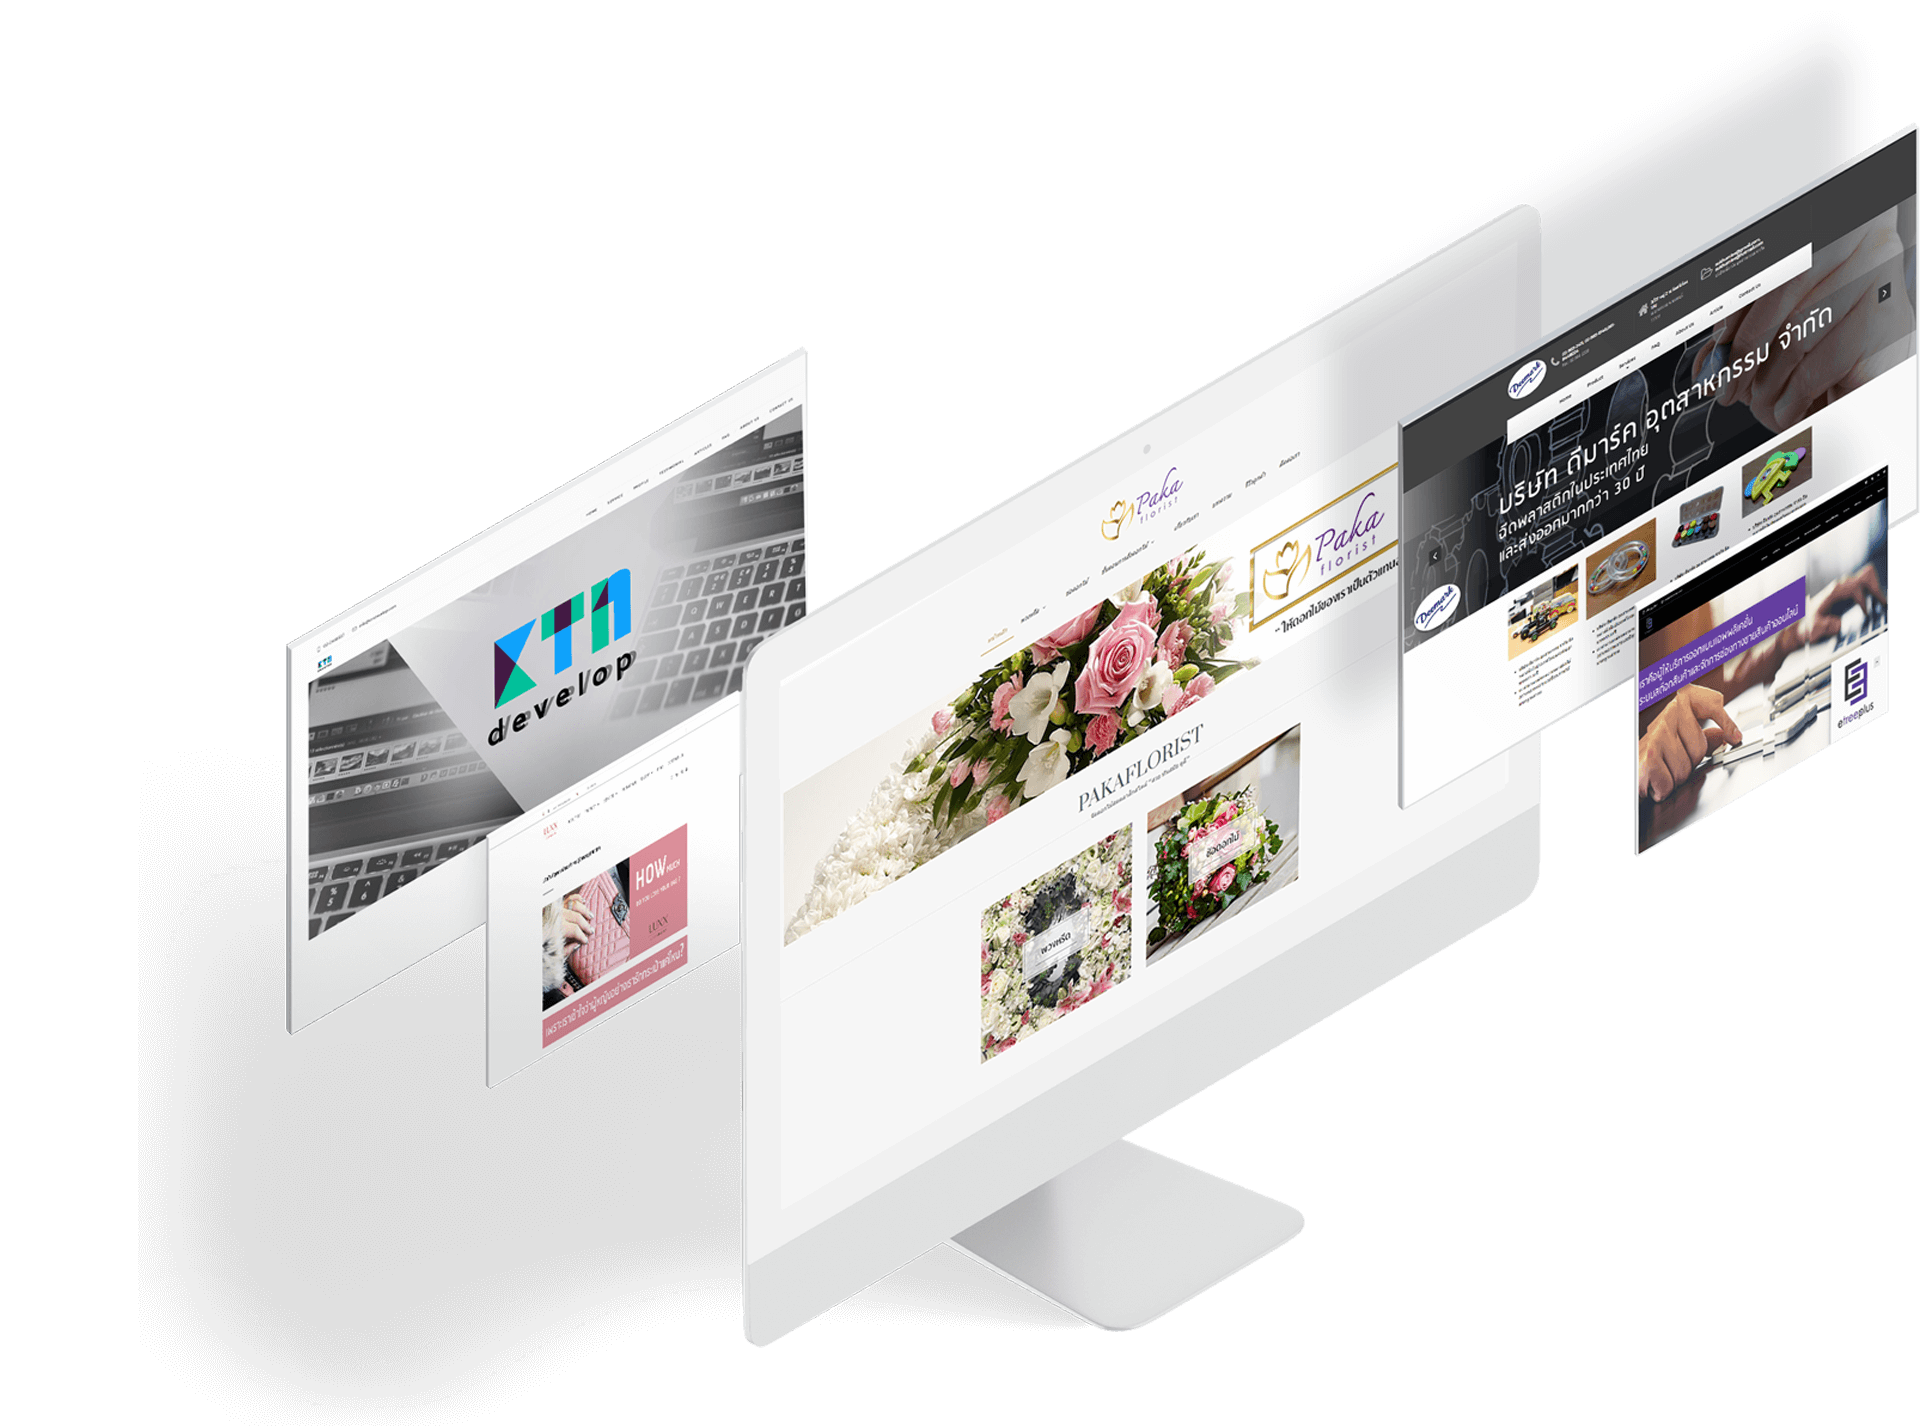 ออกแบบเว็บไซต์อย่างไรให้น่าสนใจ ออกแบบเว็บไซต์ การออกแบบเว็บไซต์